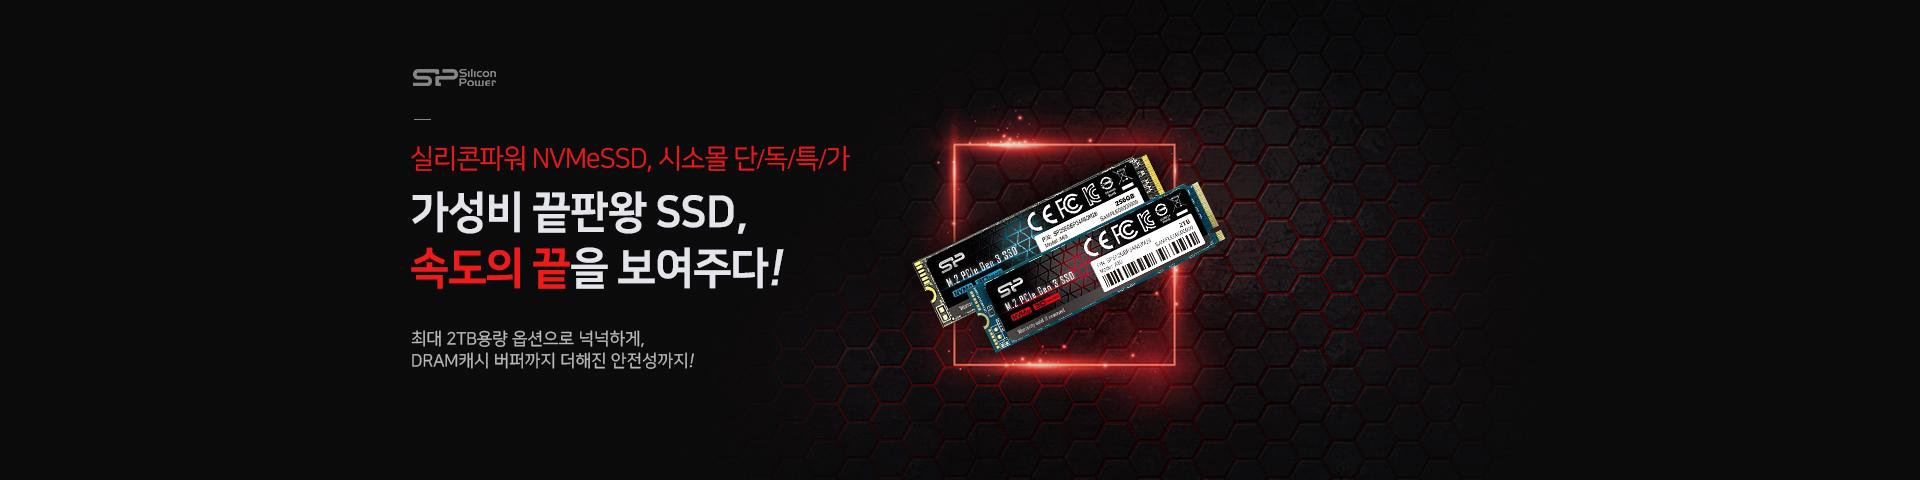 [실리콘파워] SSD 런칭기념 기획전